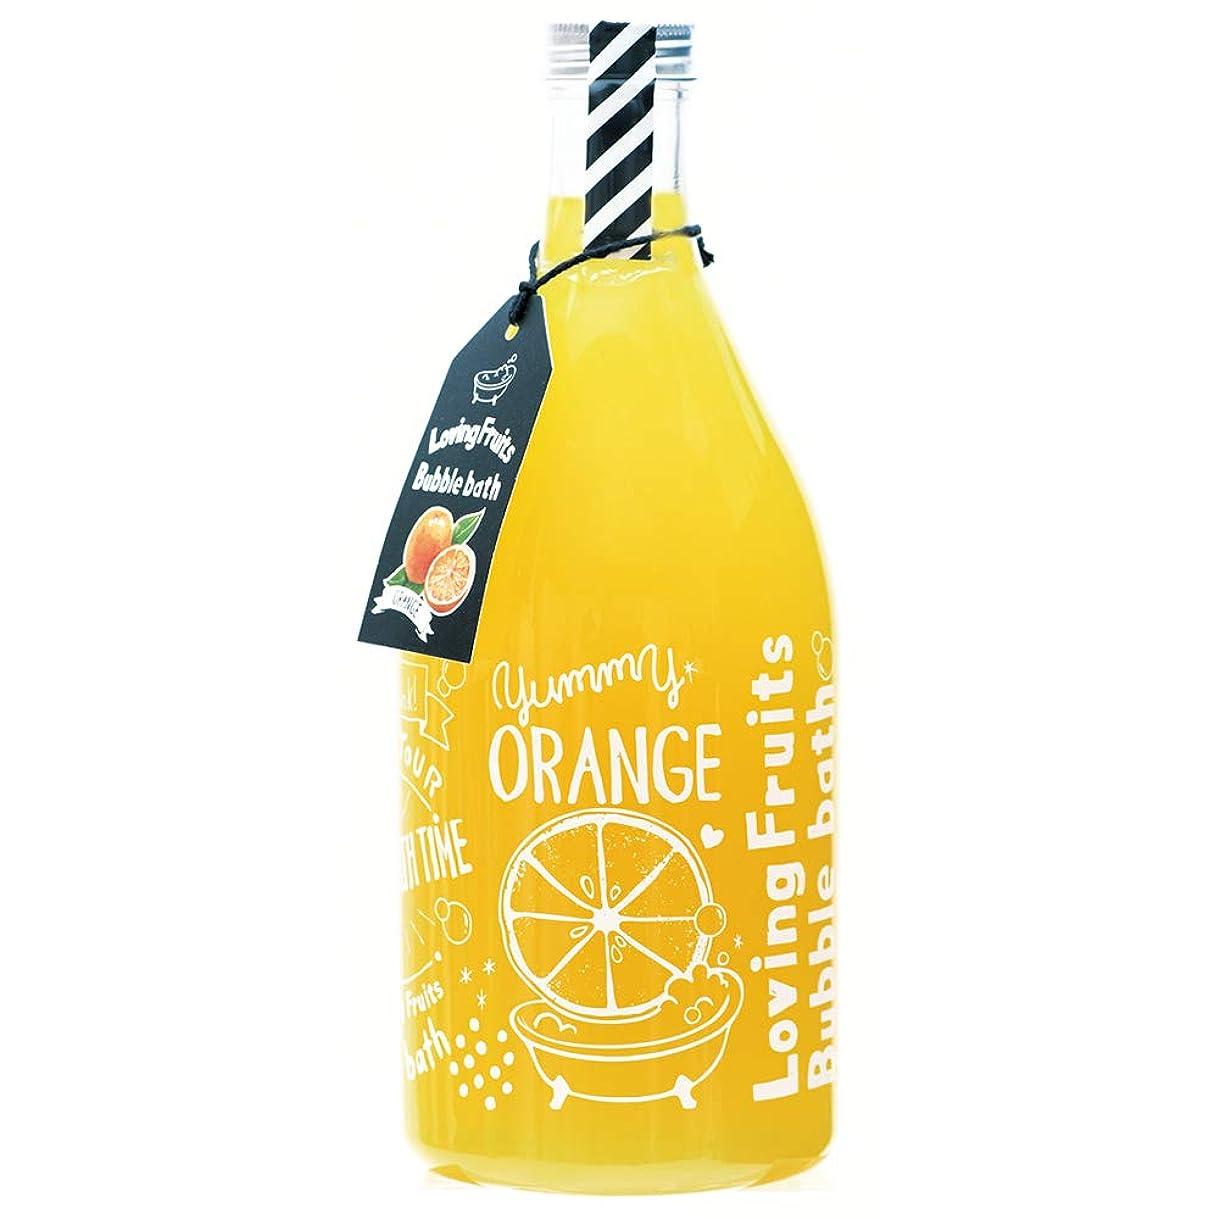 仮定ピル試してみるノルコーポレーション 入浴剤 バブルバス ラビングフルーツ 750ml オレンジの香り OB-LFS-1-2